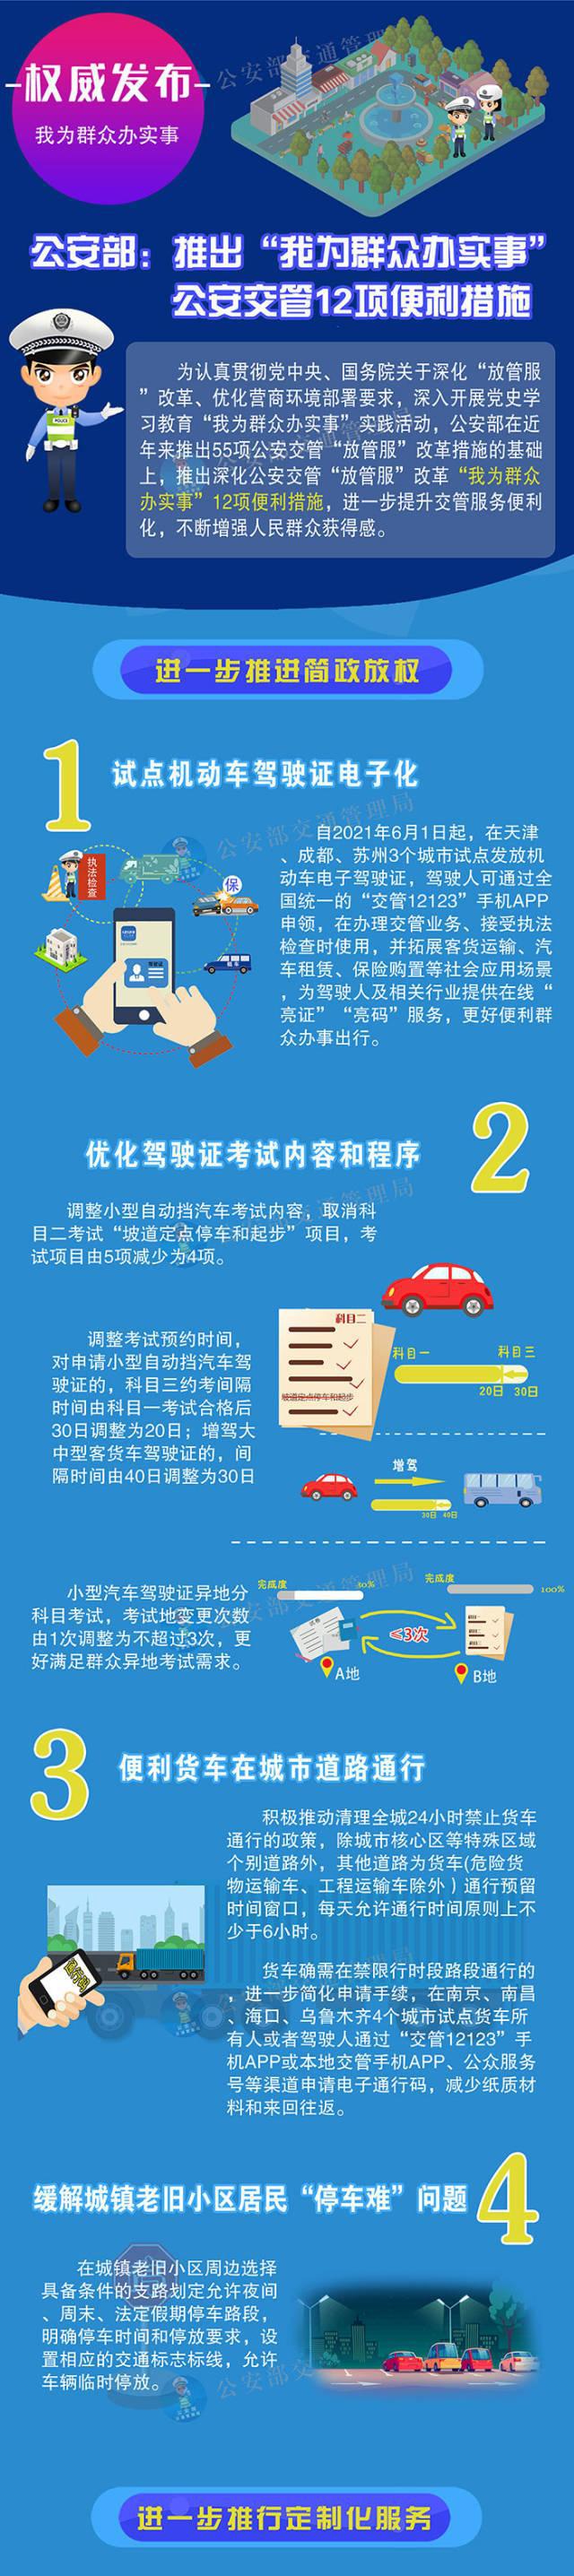 自动挡科目二半坡起步项目将取消,全国统一电子驾驶证来了